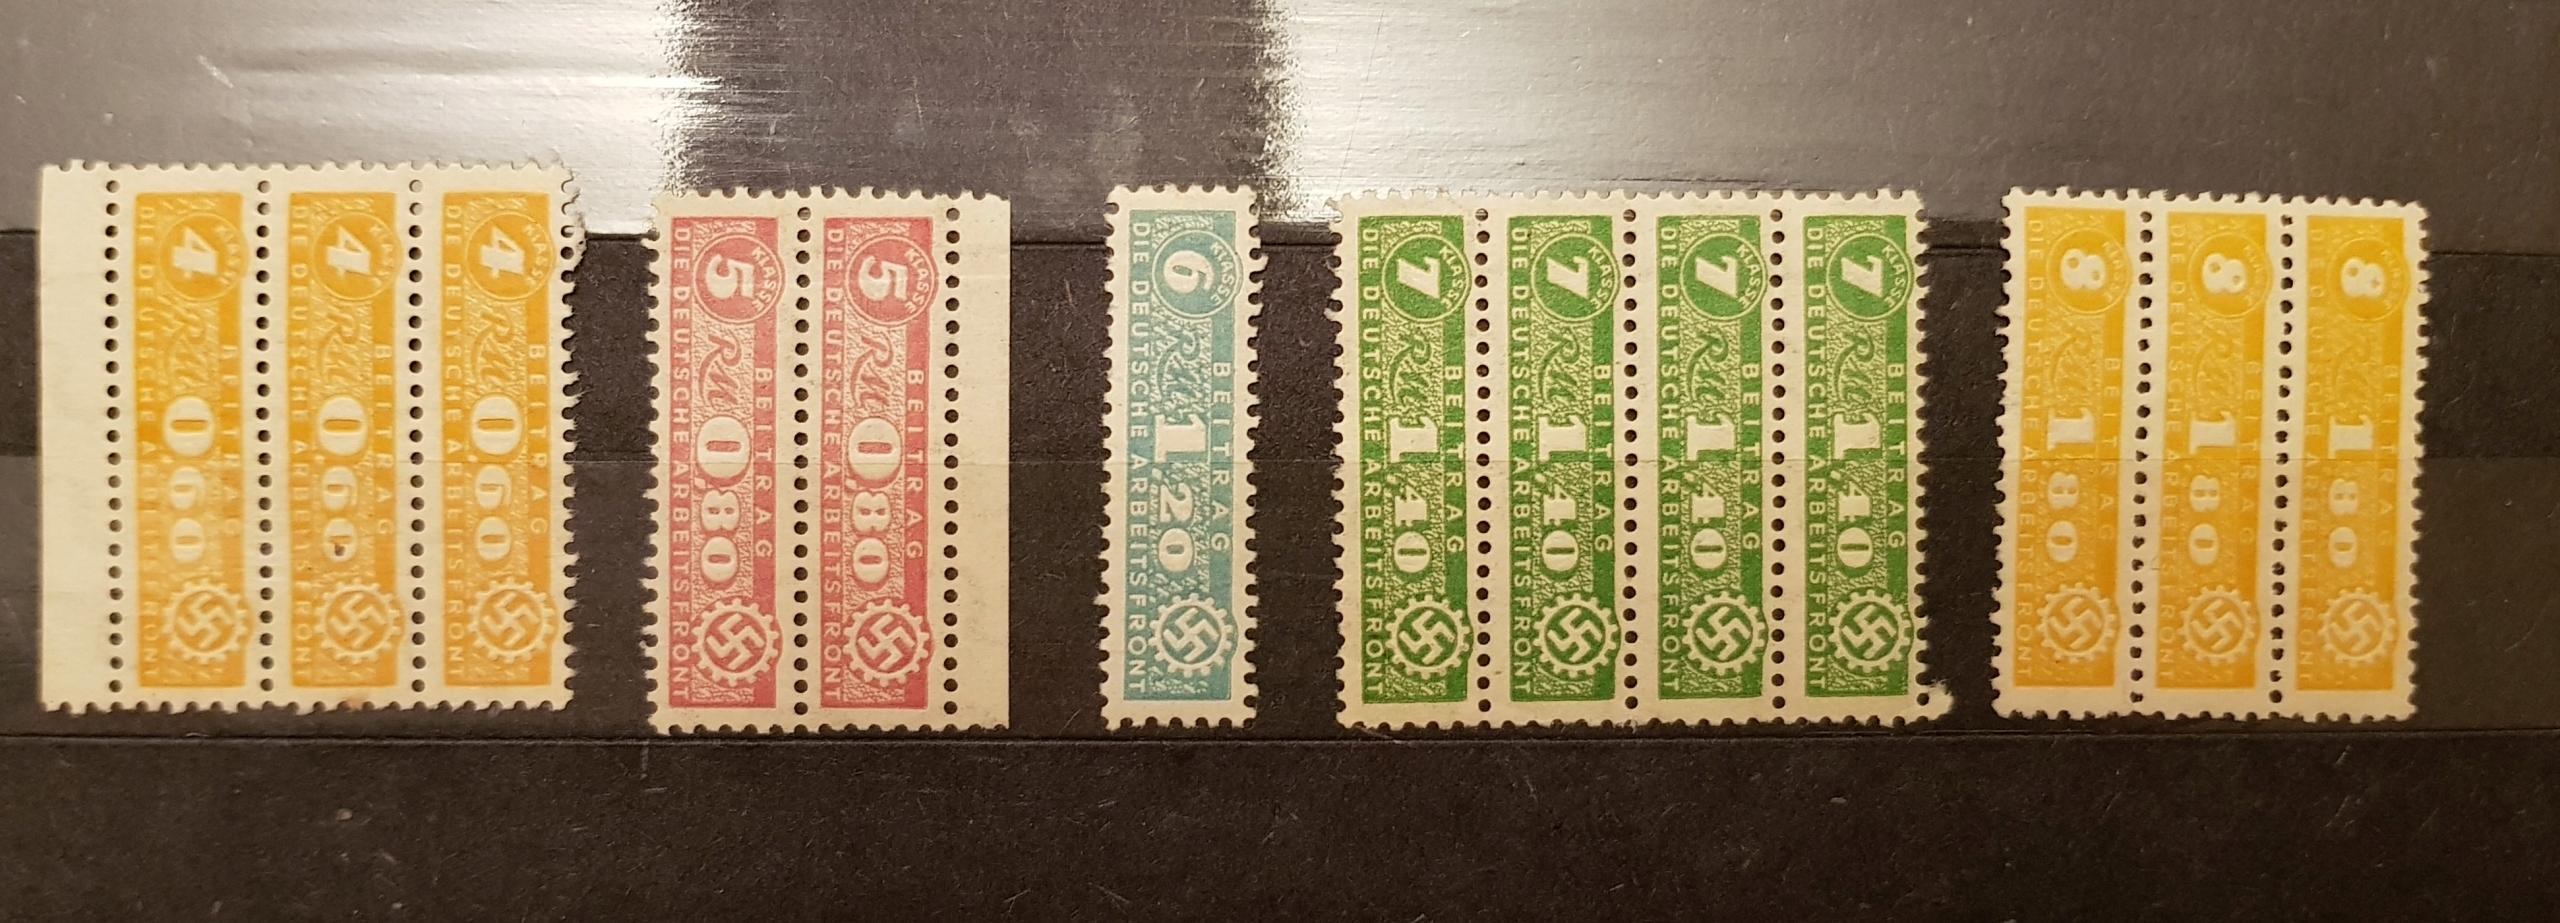 Czyste znaczki DAF Deutche Arbeitsfront III Rzesza